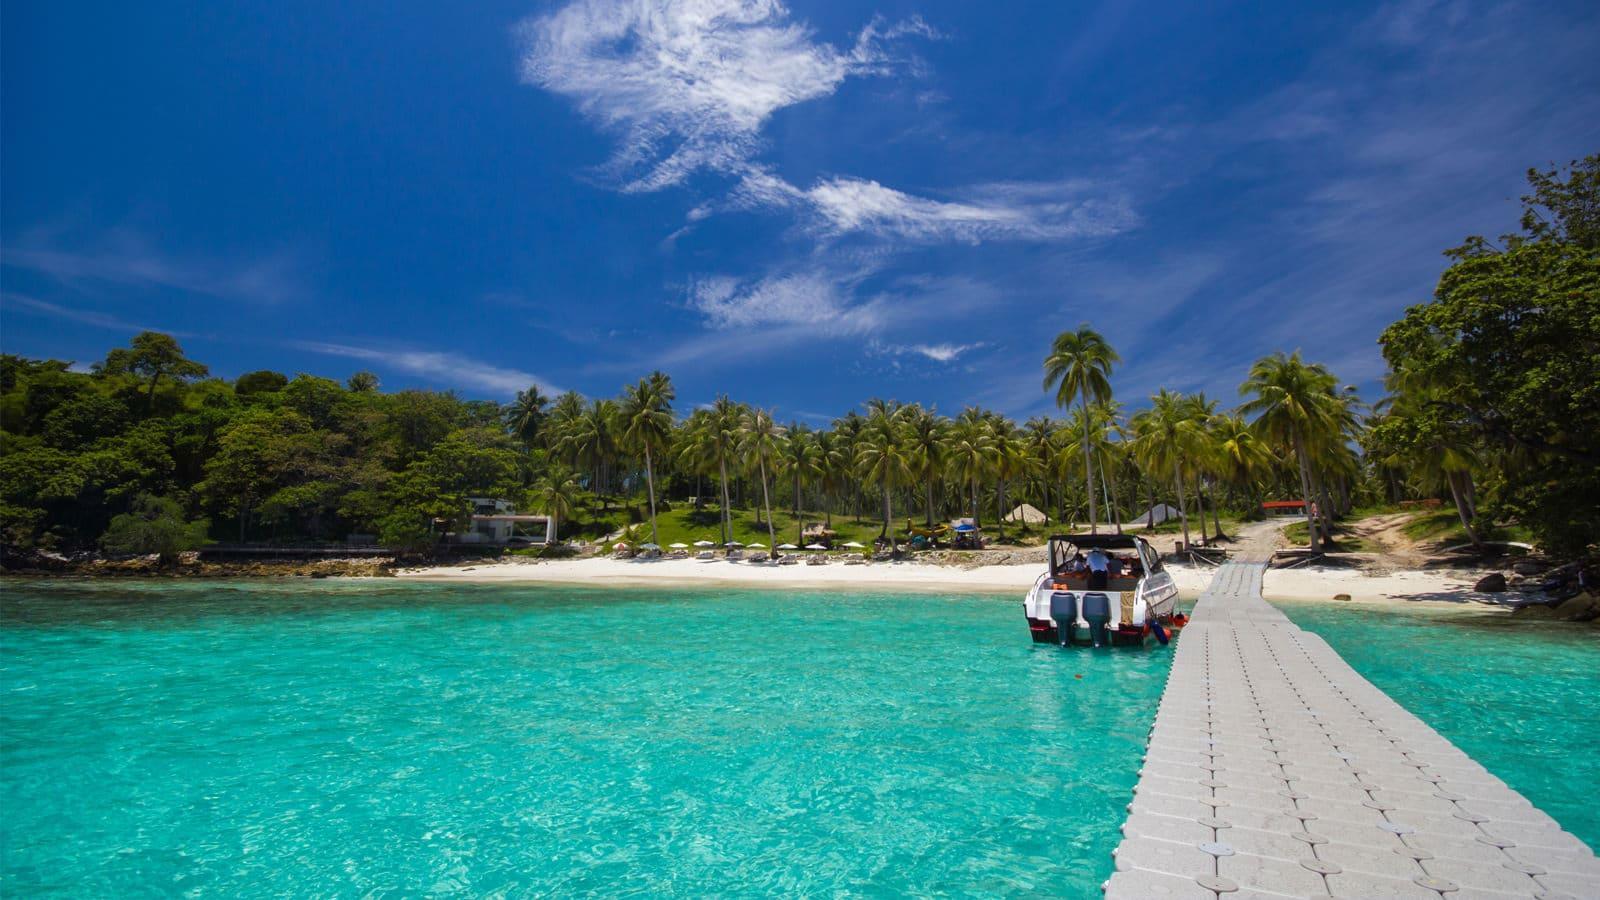 Фото островов Рача в Таиланде